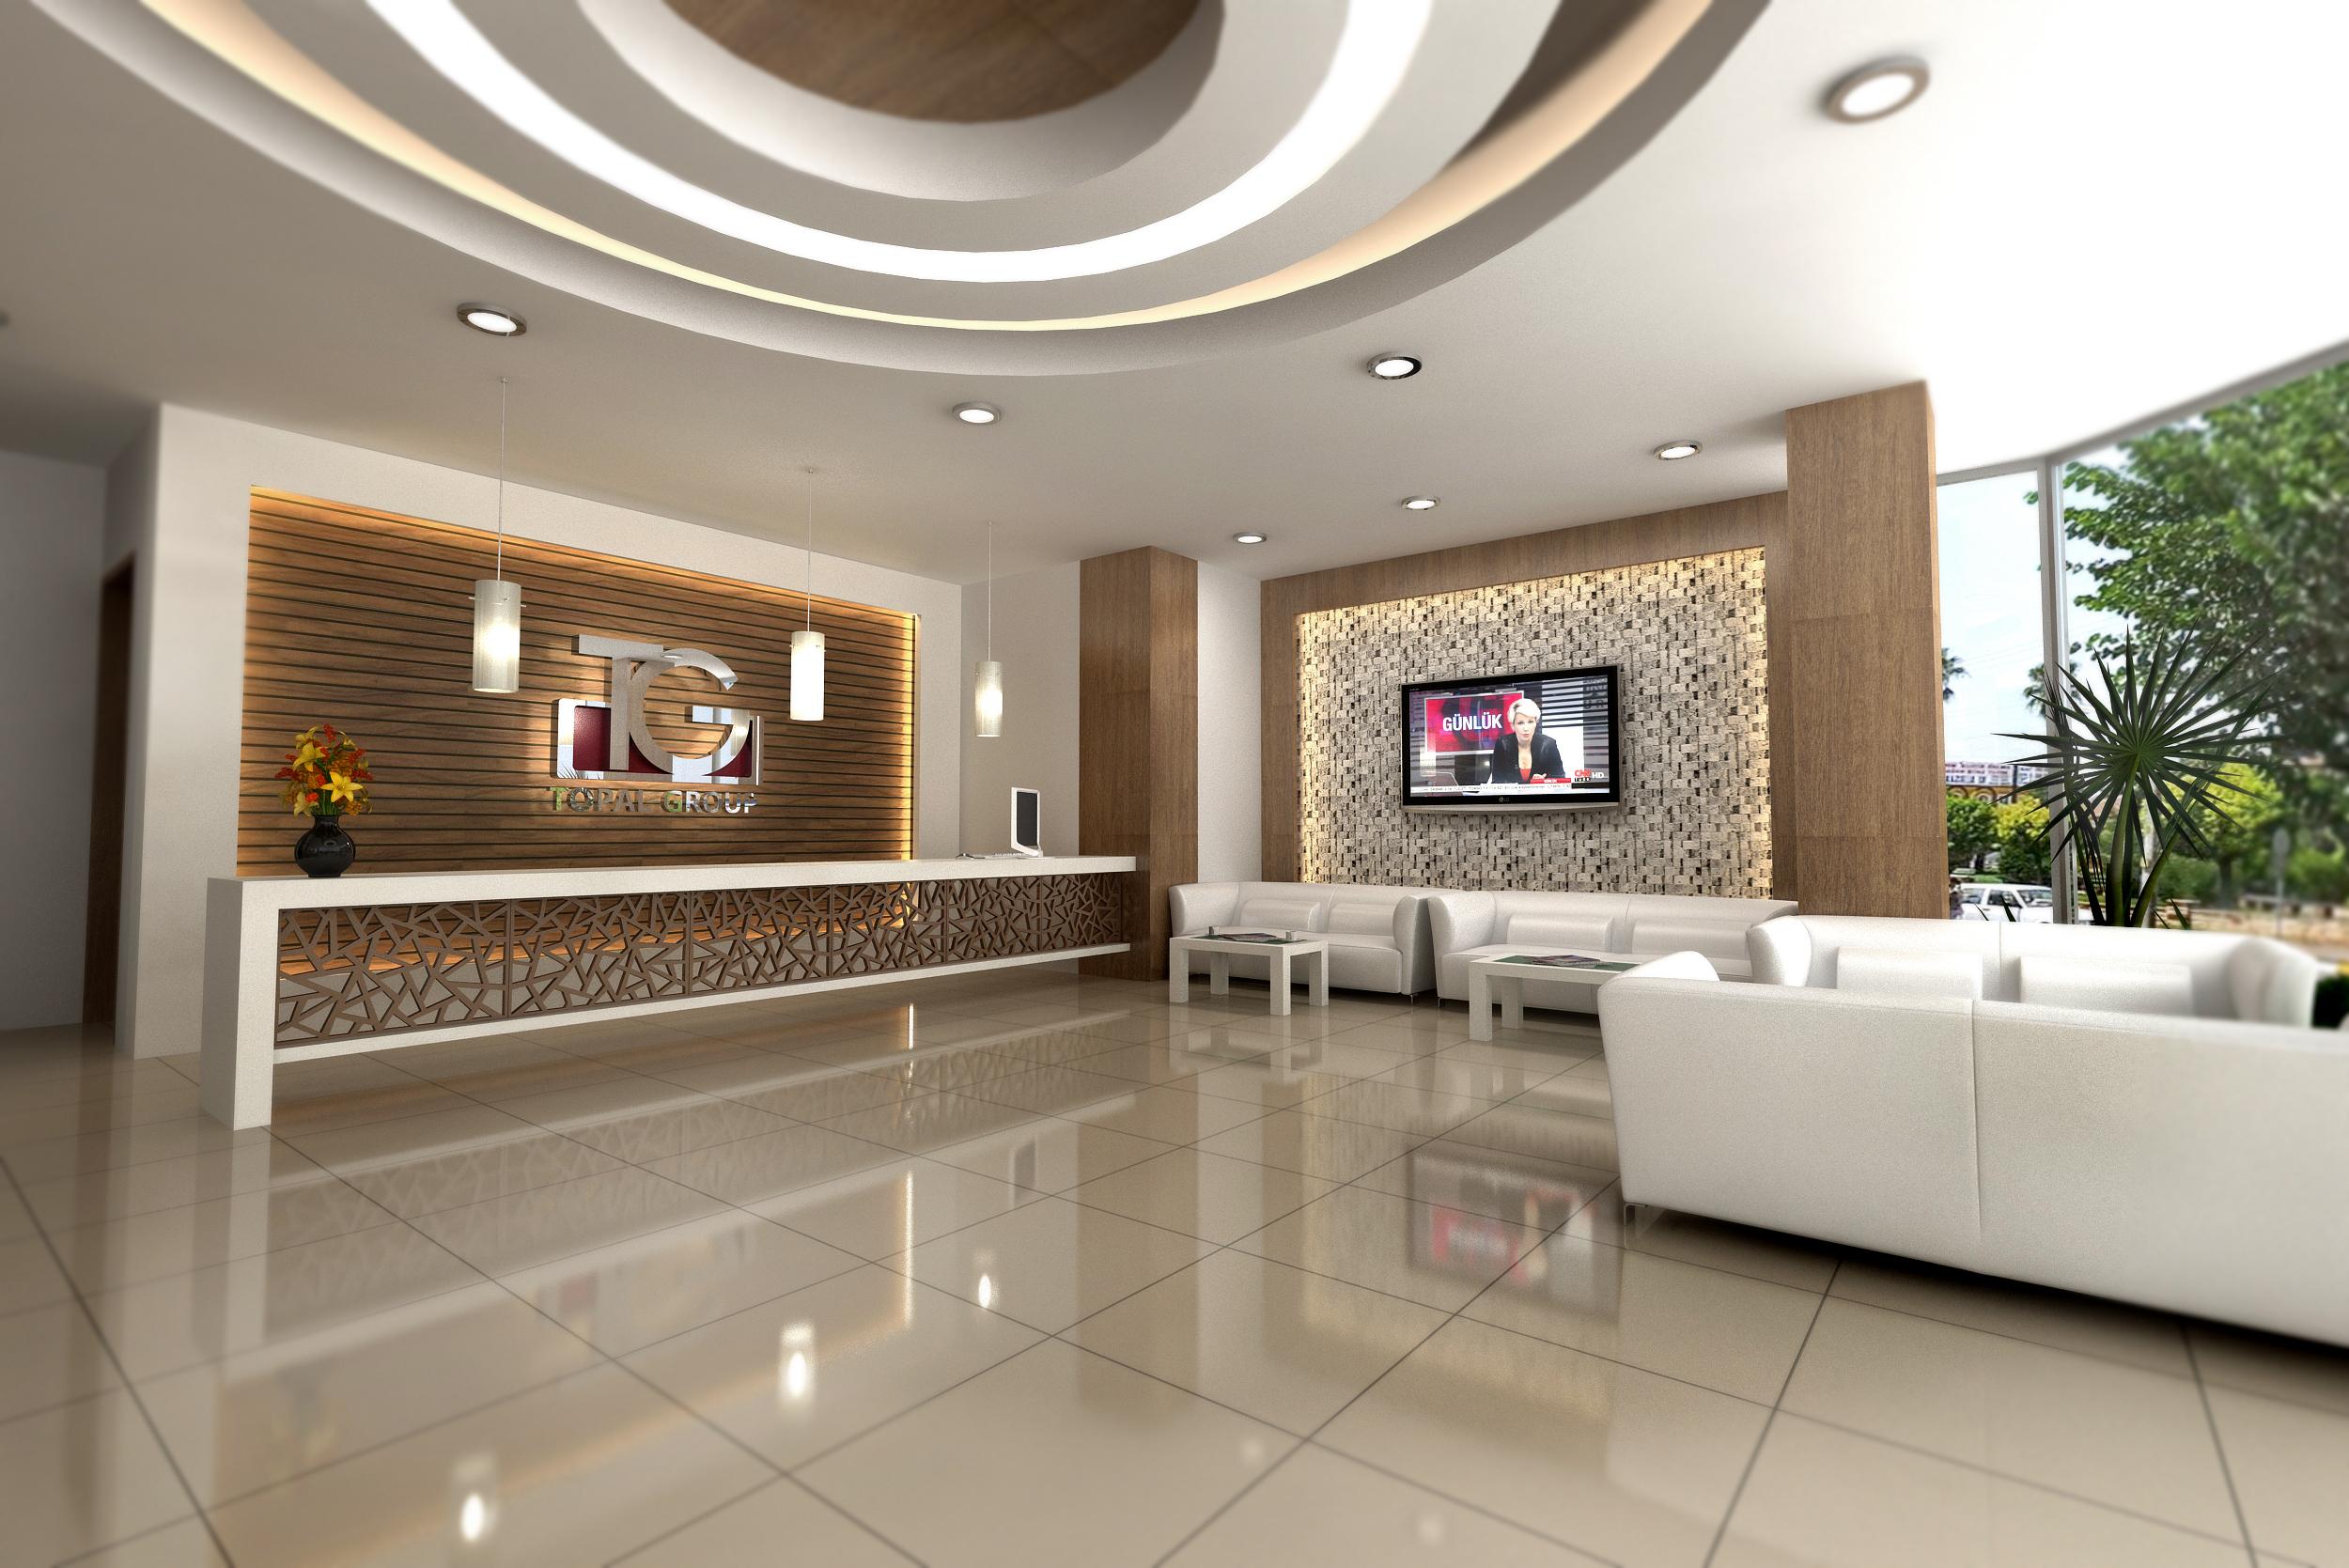 ofis tasarımı